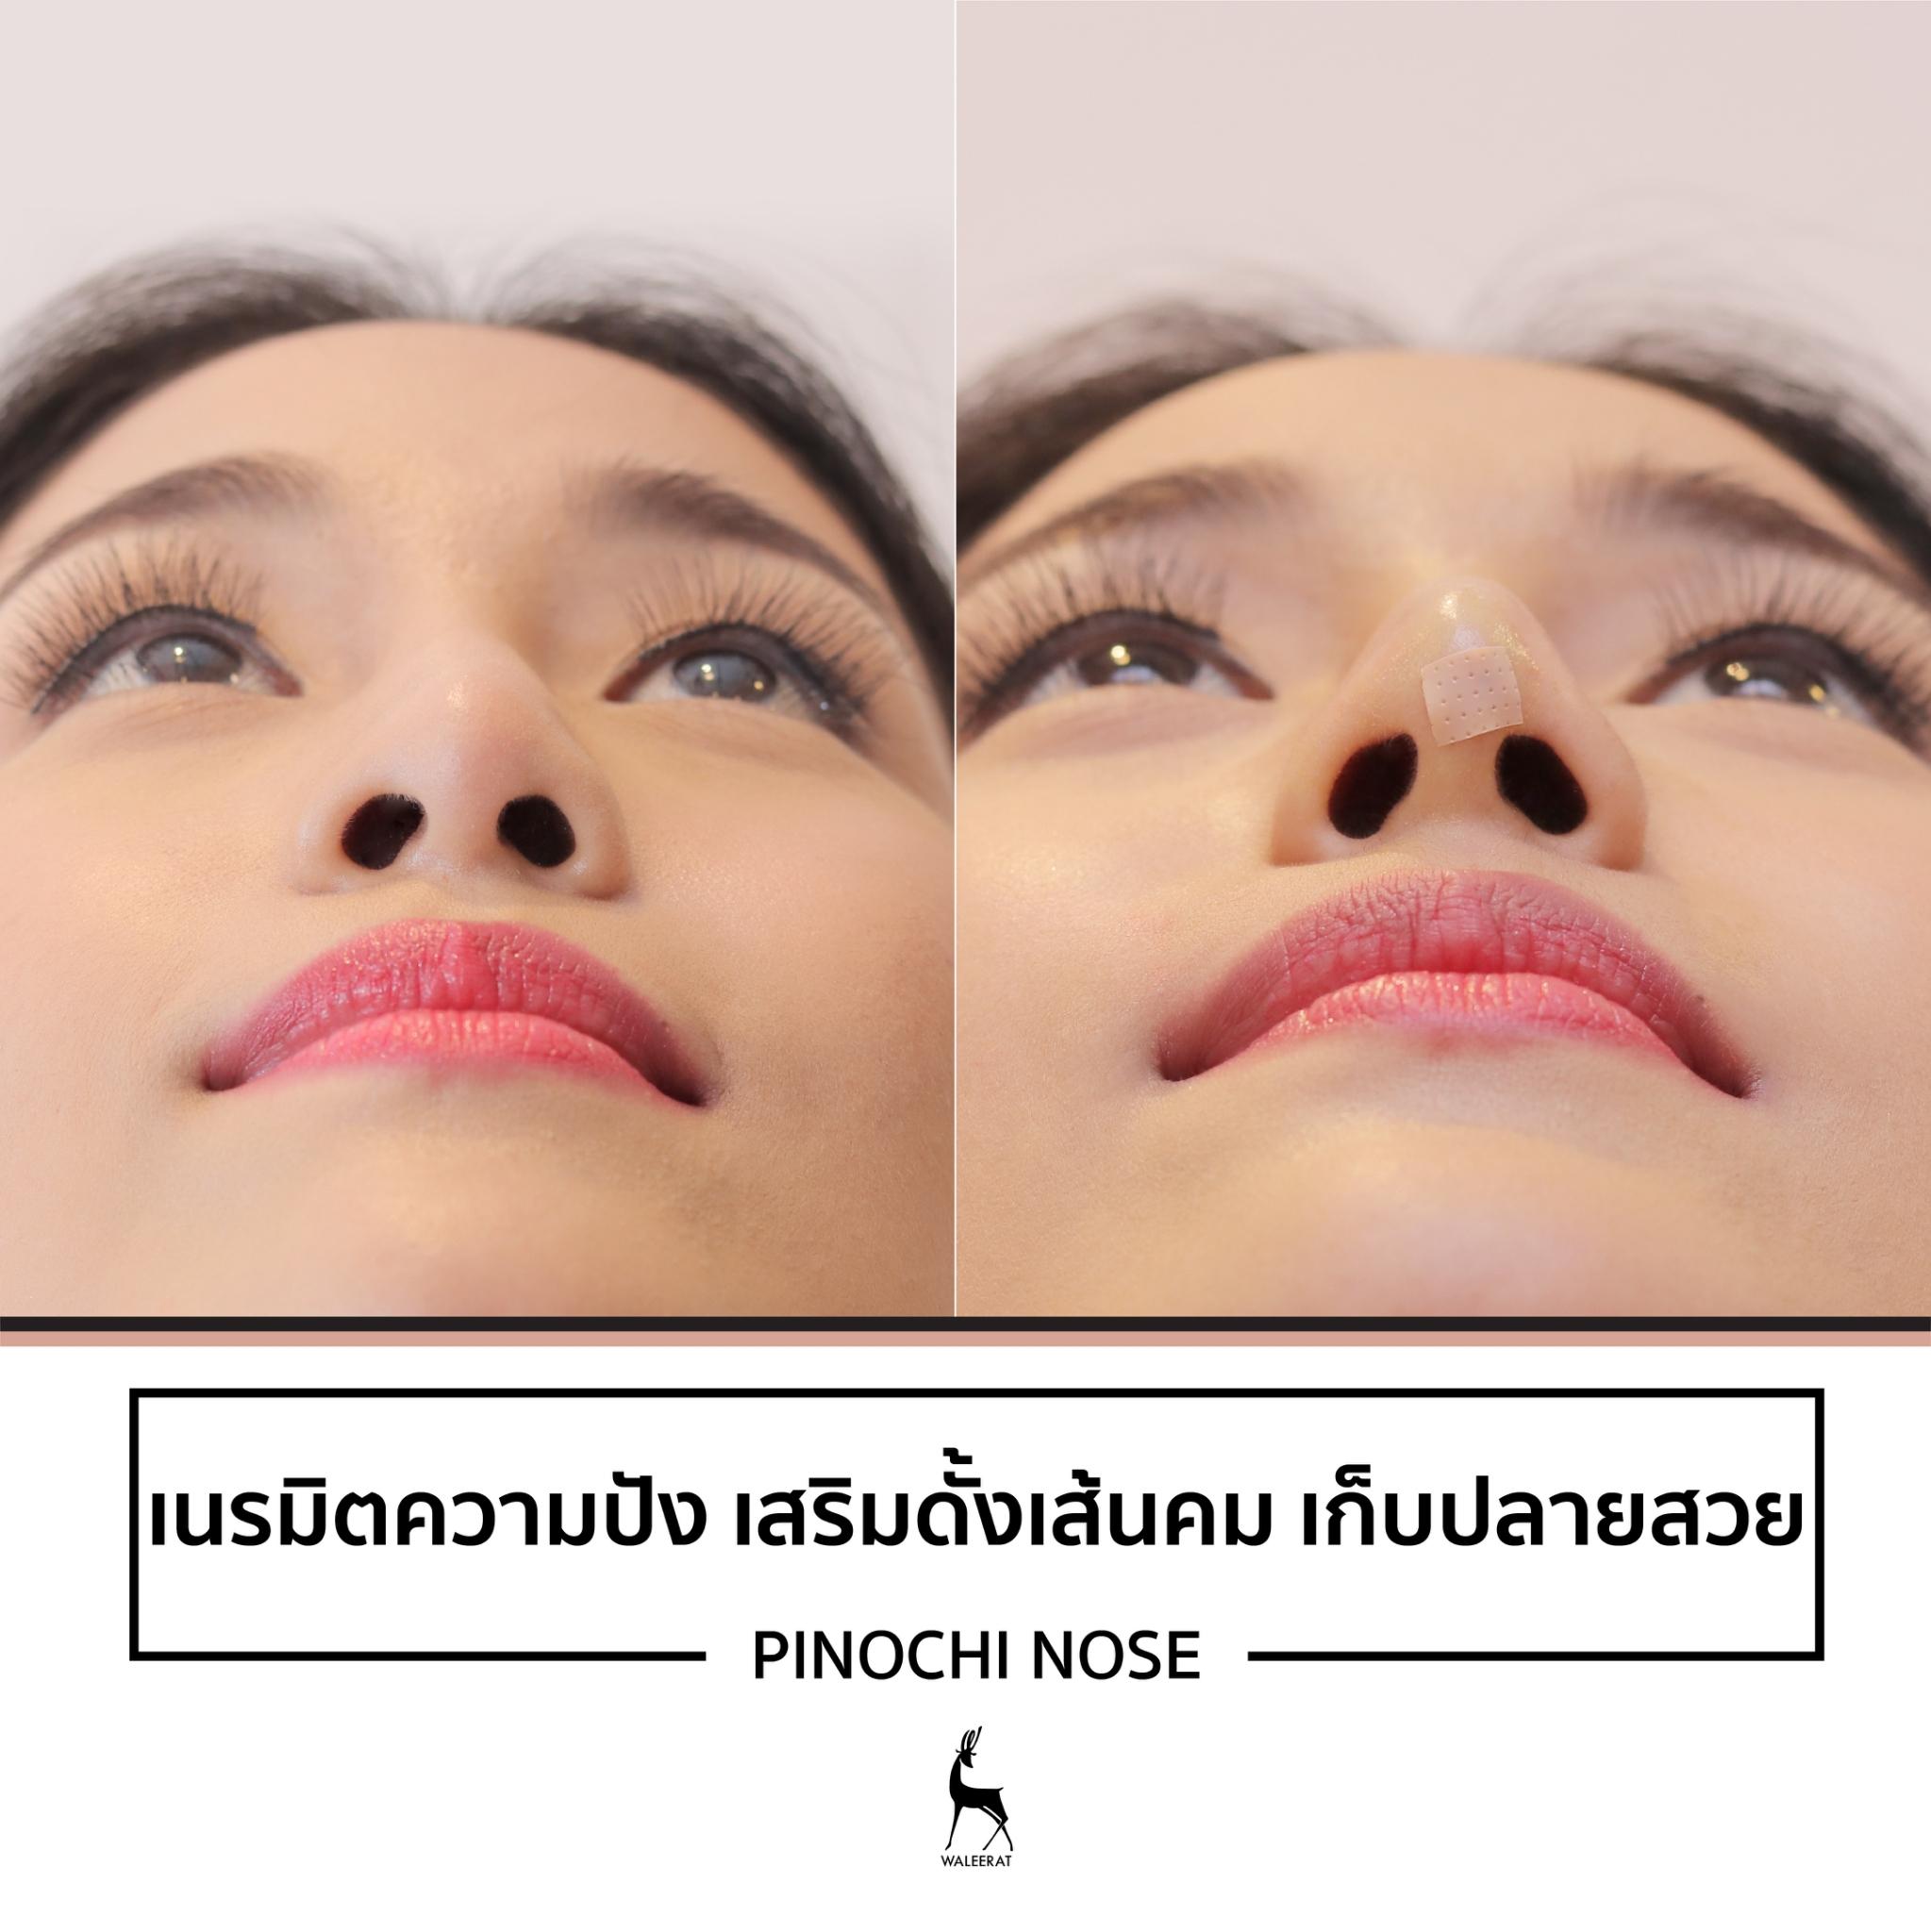 %E0%B8%89%E0%B8%B5%E0%B8%94%E0%B9%84%E0%B8%AB%E0%B8%A1+Pinochi+nose?format=original